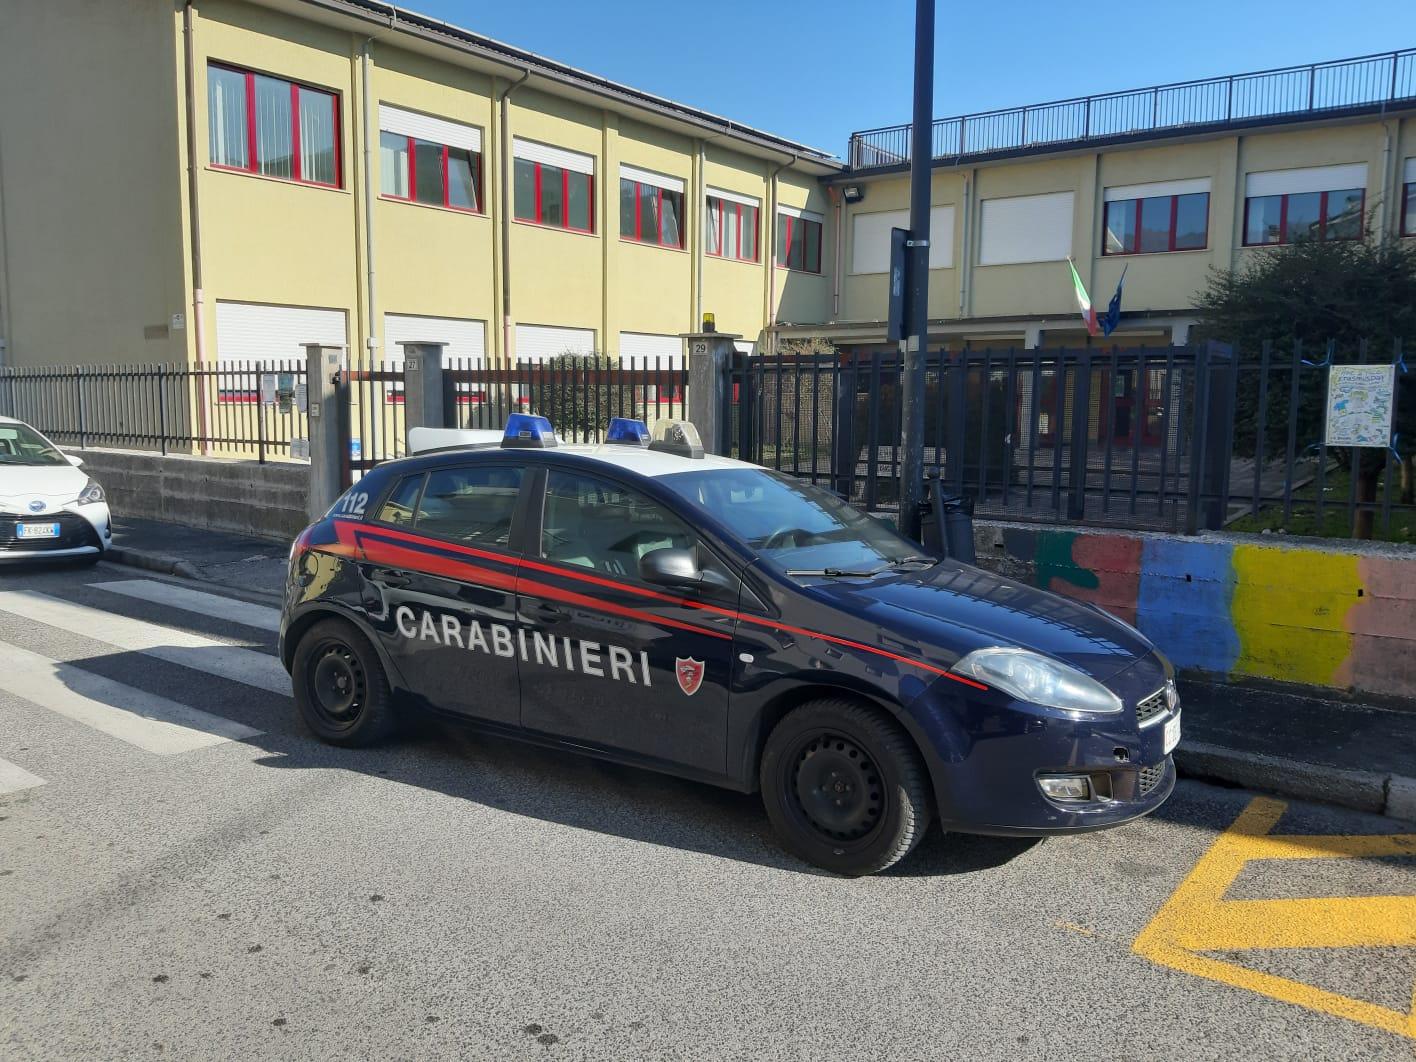 Viene arrestato mentre tenta di rubare un televisore dal muro di una scuola di Avezzano